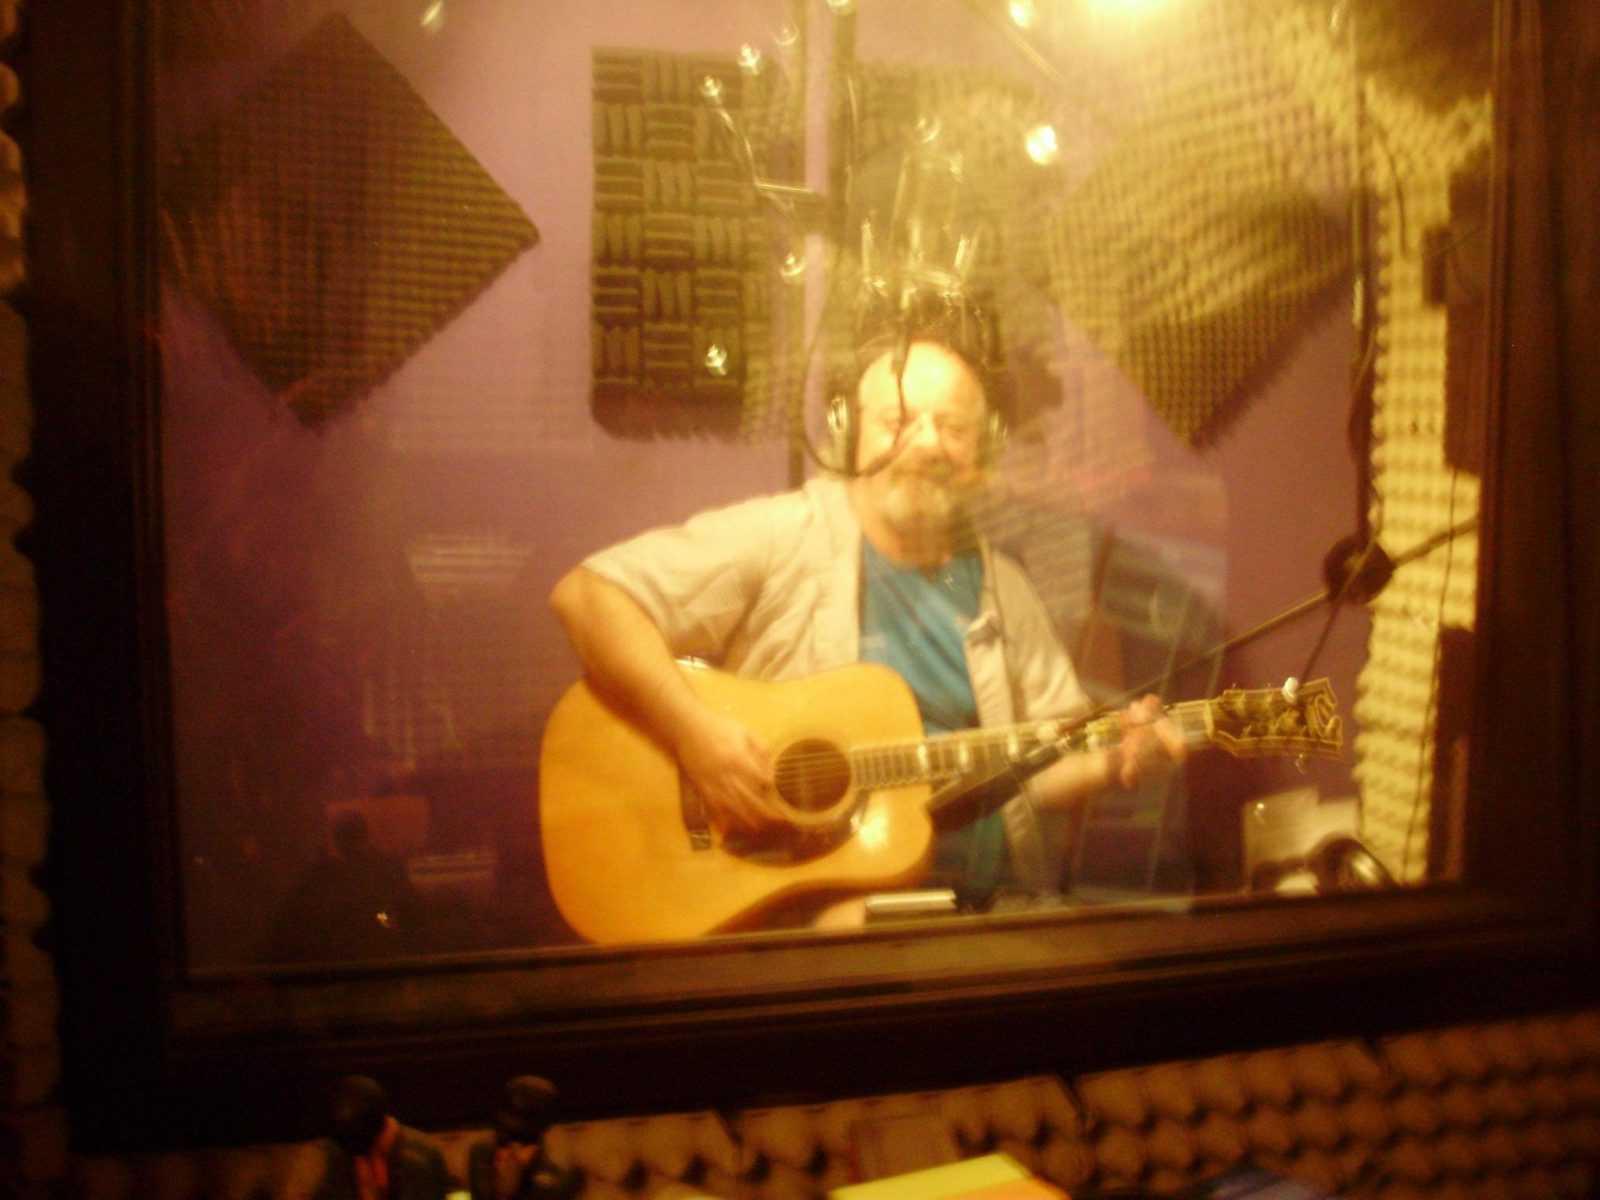 BBC 05 070811 042 - 5-7/8 2011